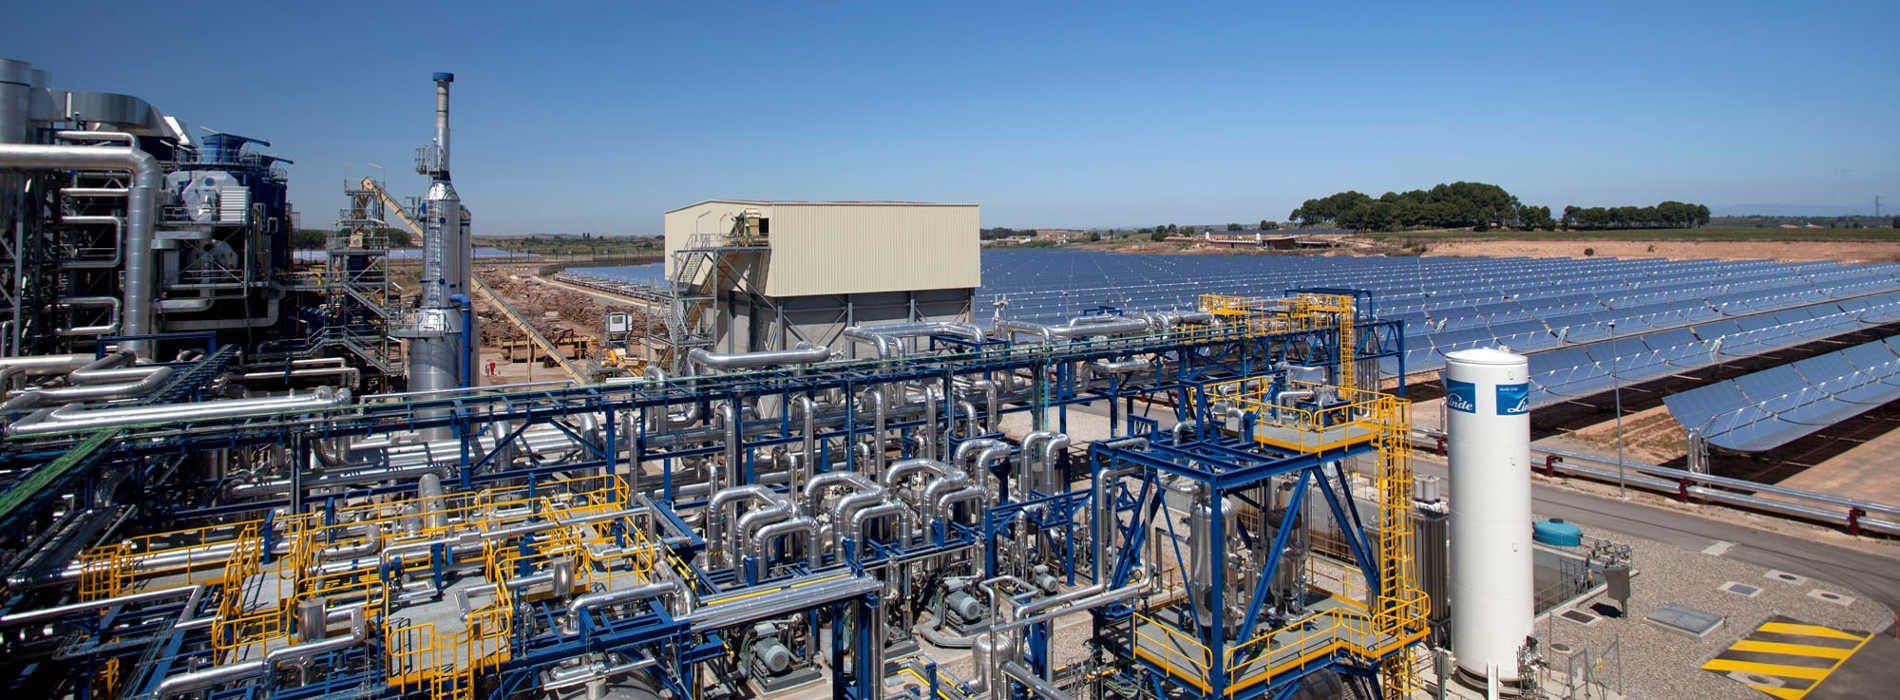 $200m hybrid power plant for Shangombo